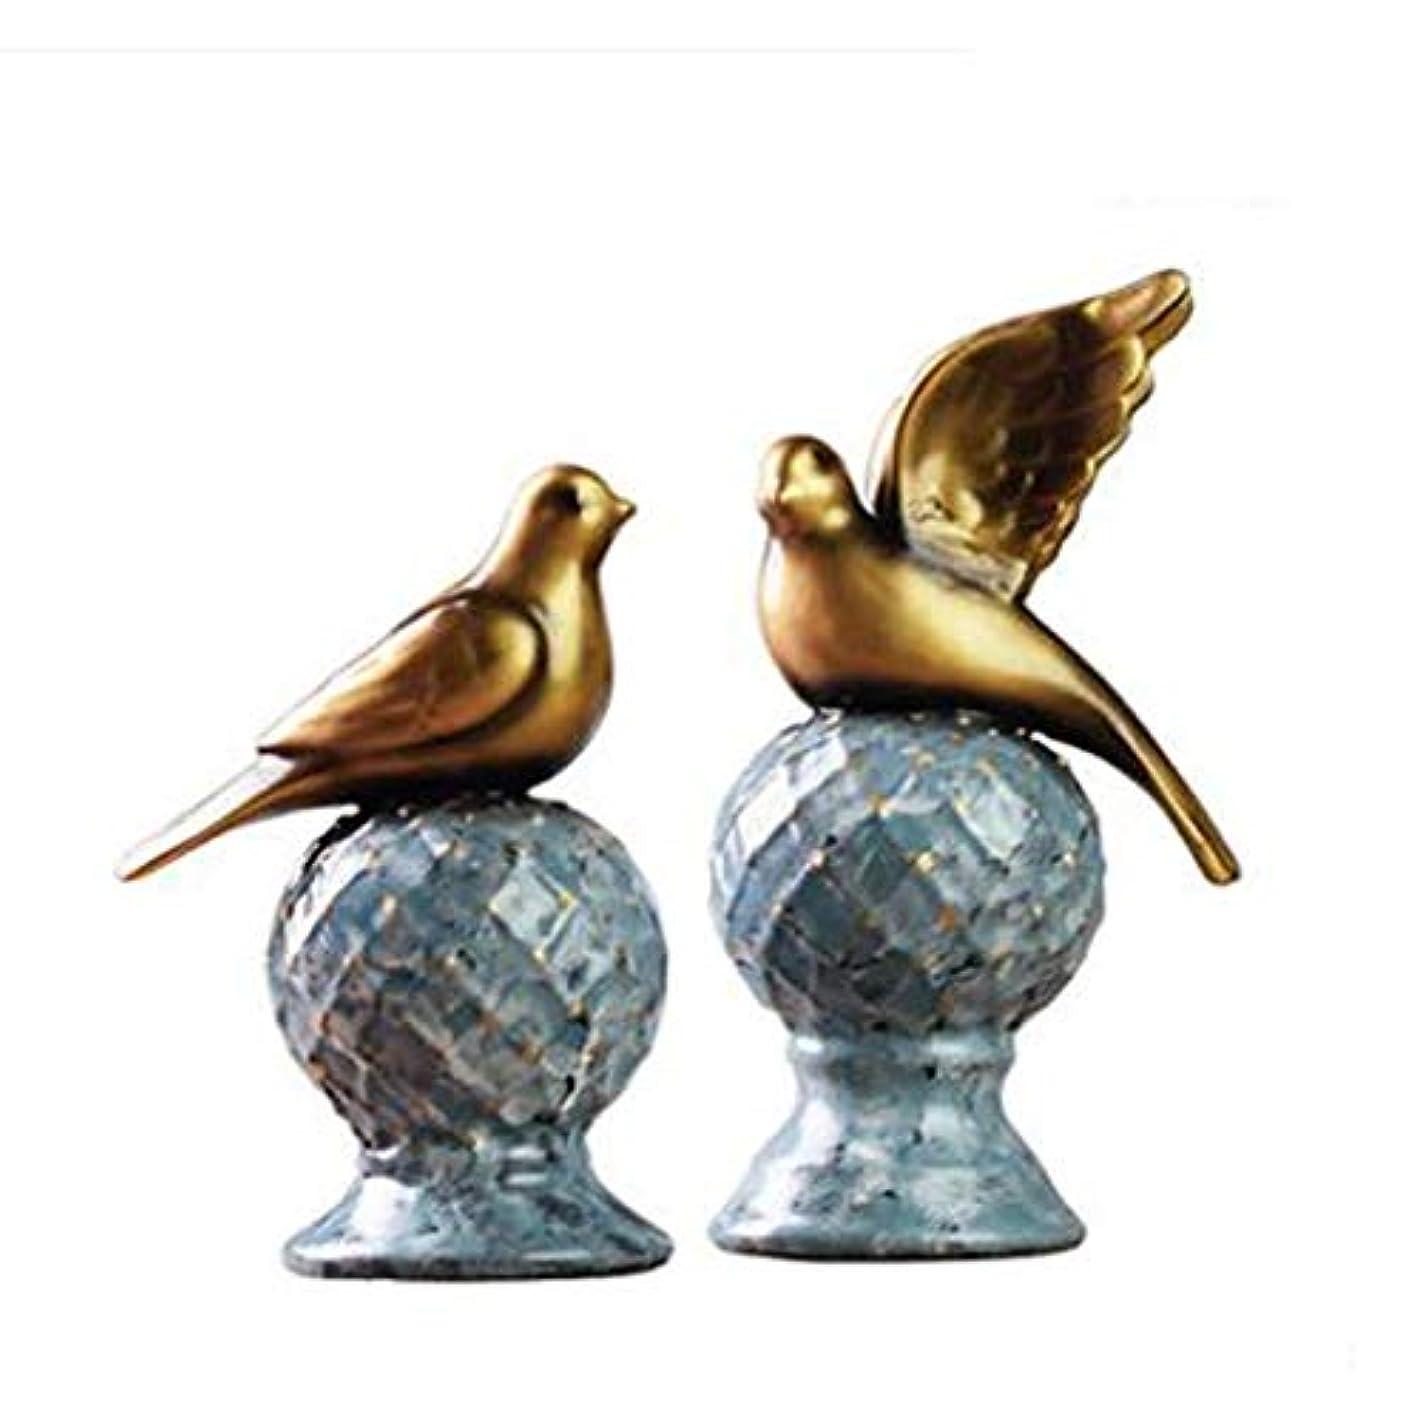 ブート性的アンペアJielongtongxun 装飾品、装飾品、現代ヨーロッパの居間、ポーチ、樹脂工芸品、アメリカのテレビキャビネット、鳥の陳列,絶妙な飾り (Color : Gold)